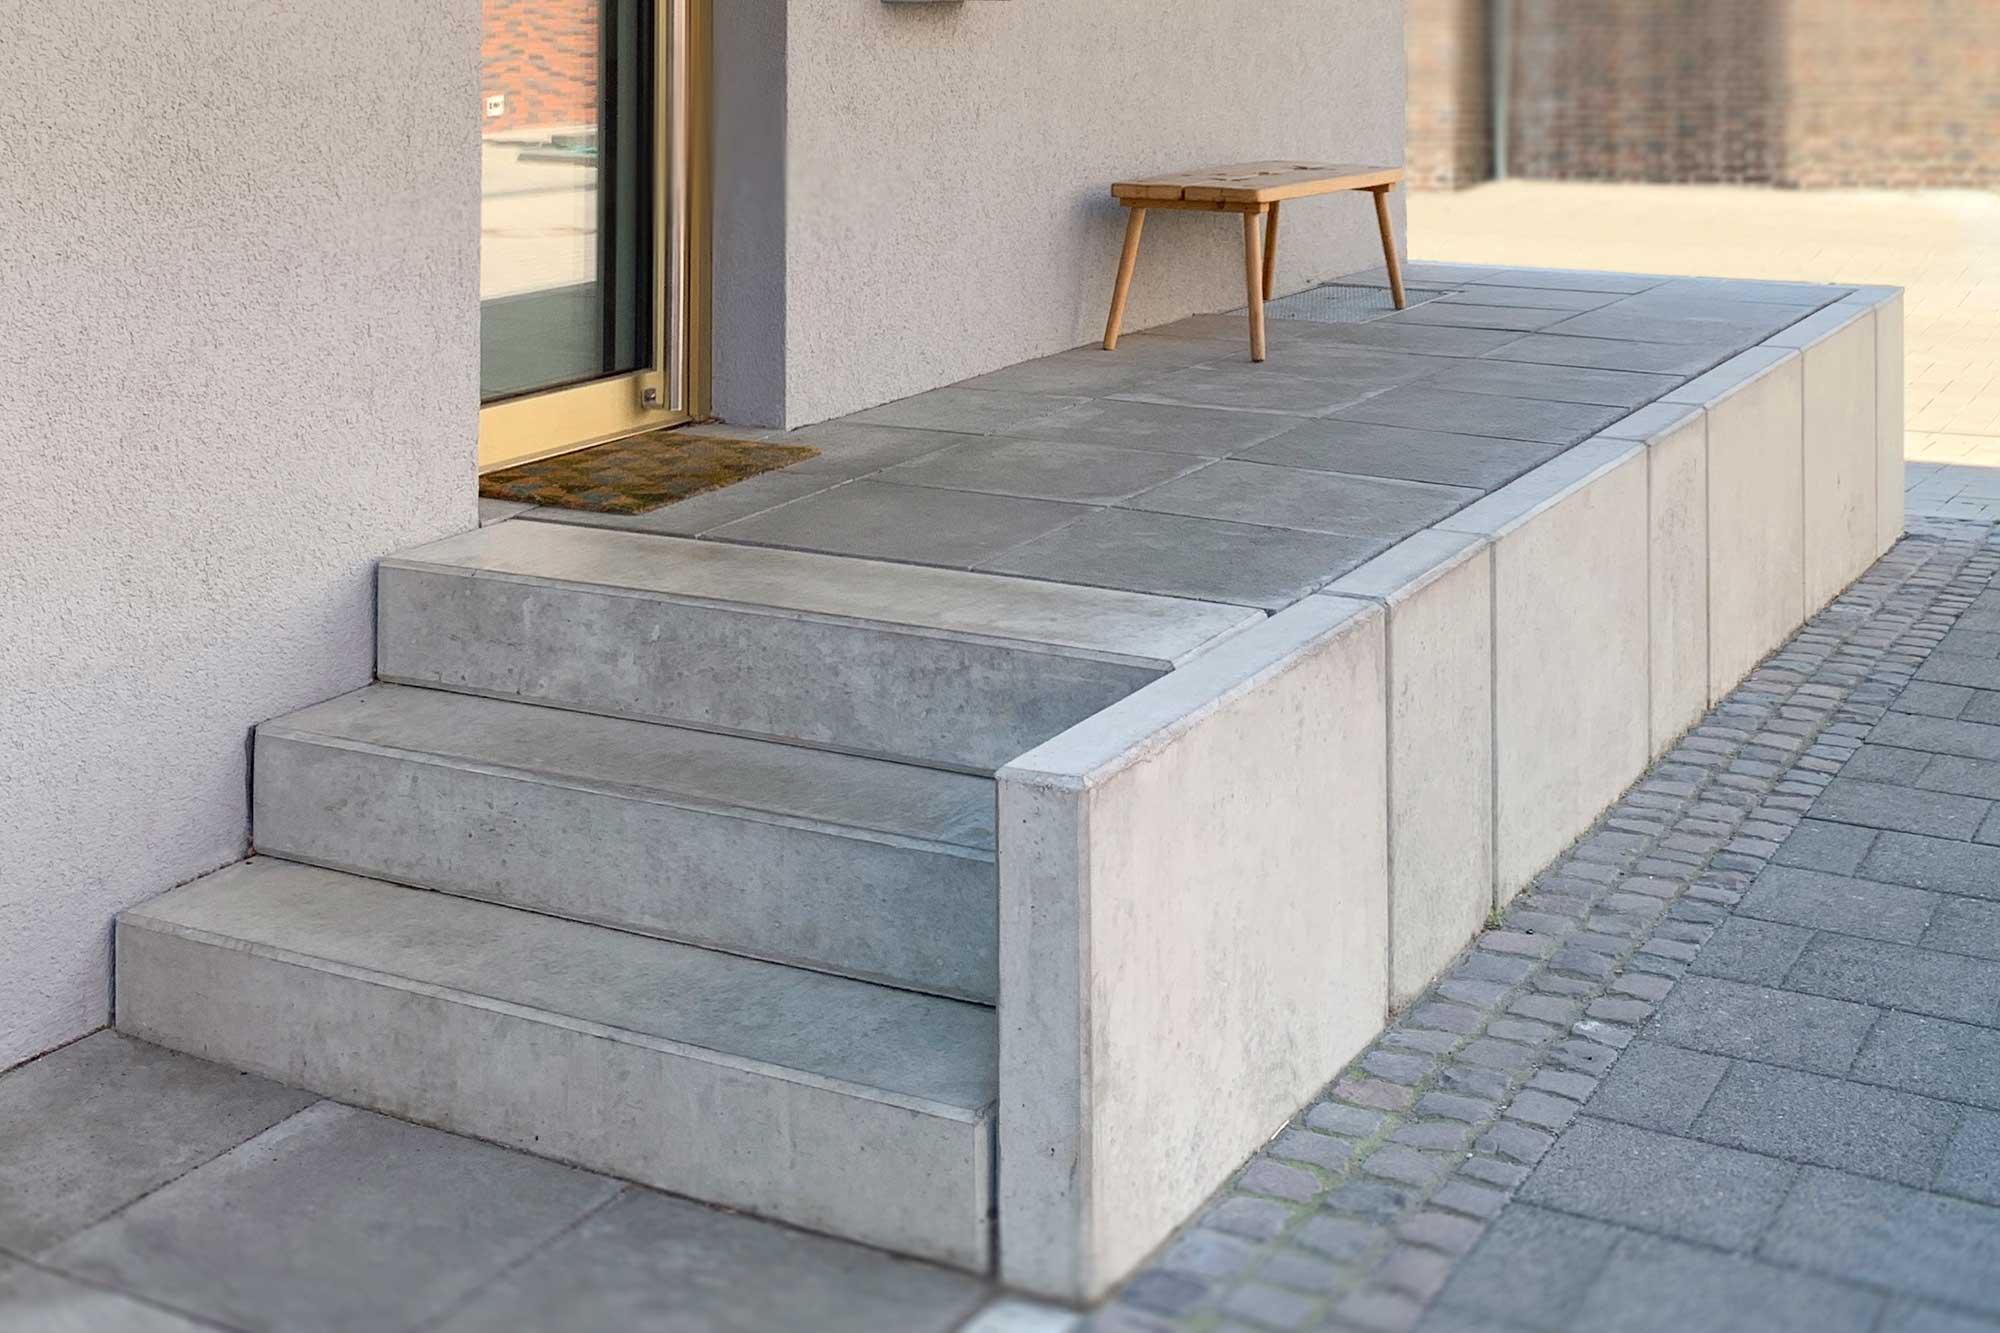 Stützwinkel auch genannt L-Steine Winkelsteine am Projekt Wohnraum